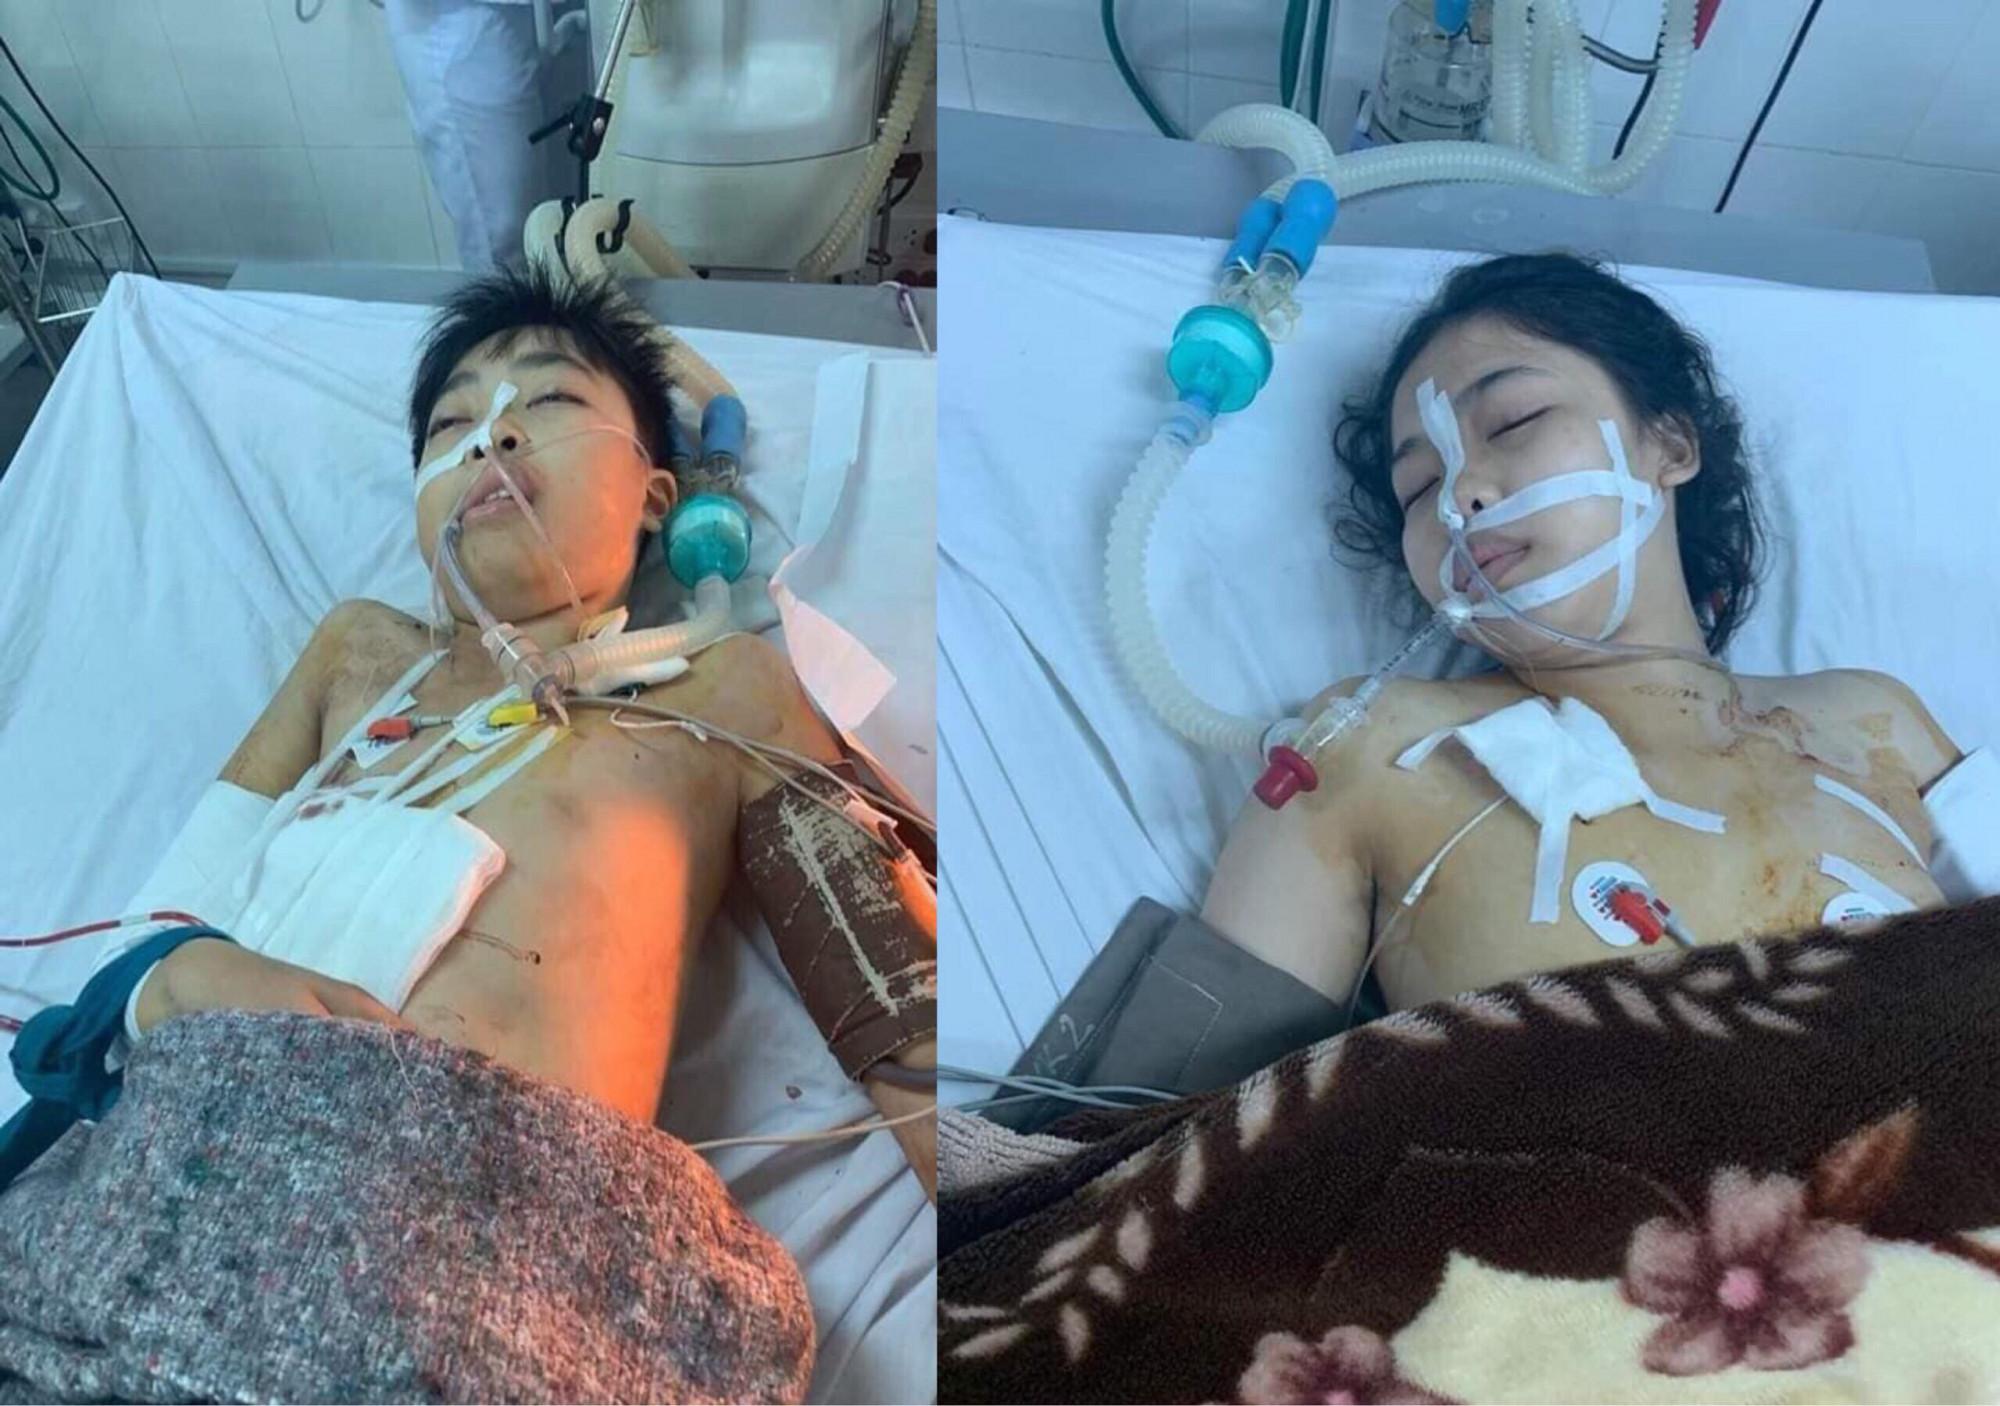 Hình ảnh đau xót trong bệnh viện của 2 cháu bé bị người tình của mẹ bắn. Cả hai đều đang nguy kịch.